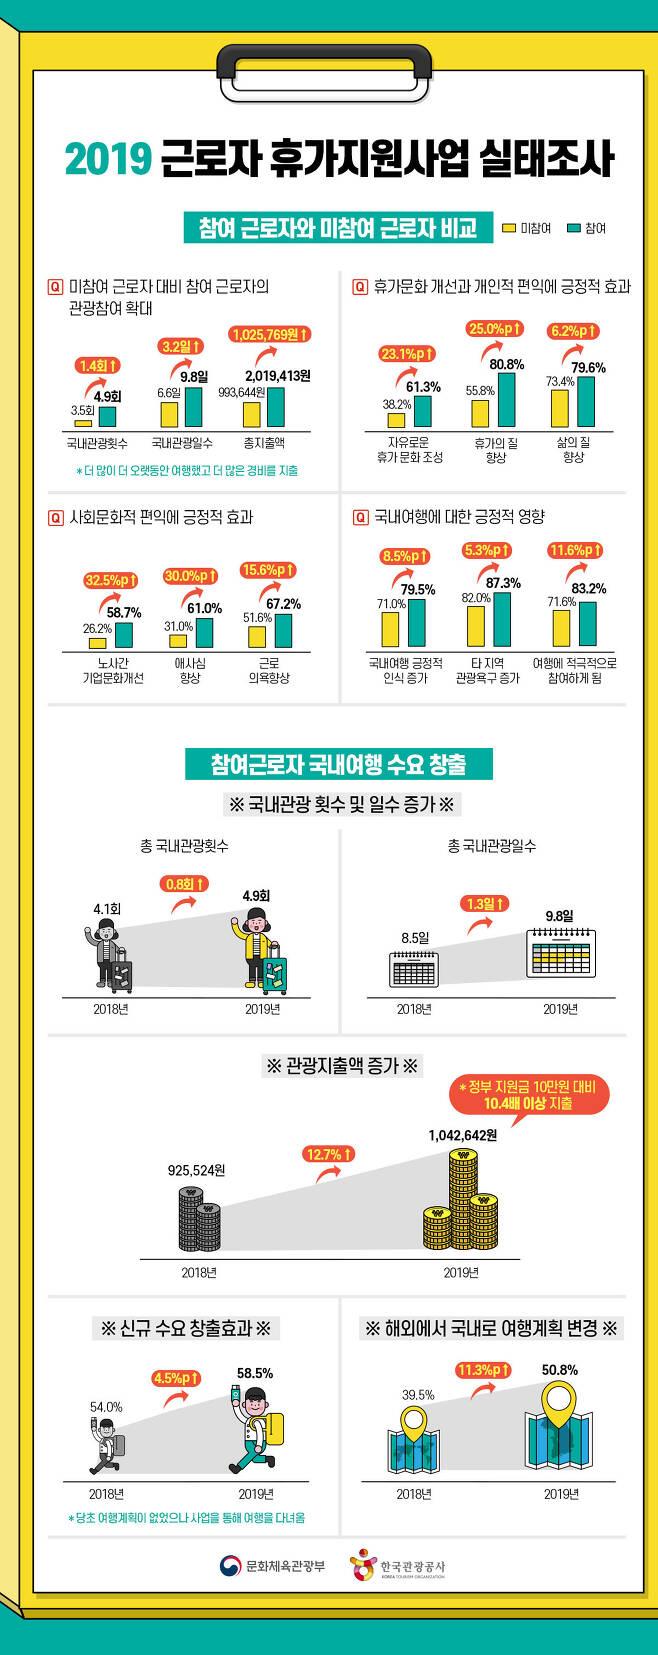 2019 근로자 휴가지원사업 실태조사 정보그림